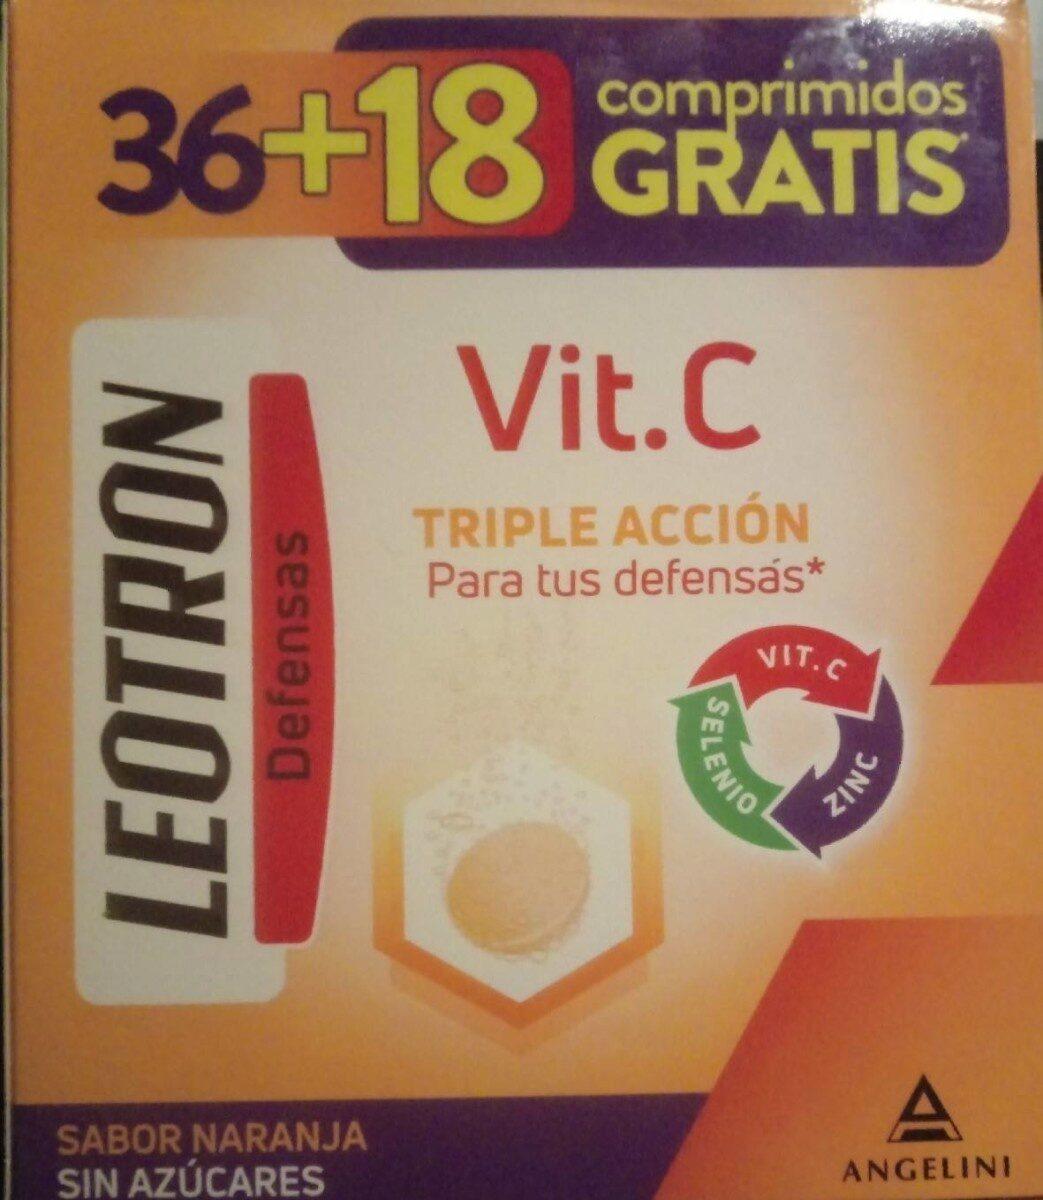 Leotron Defensas Vitamina C - Product